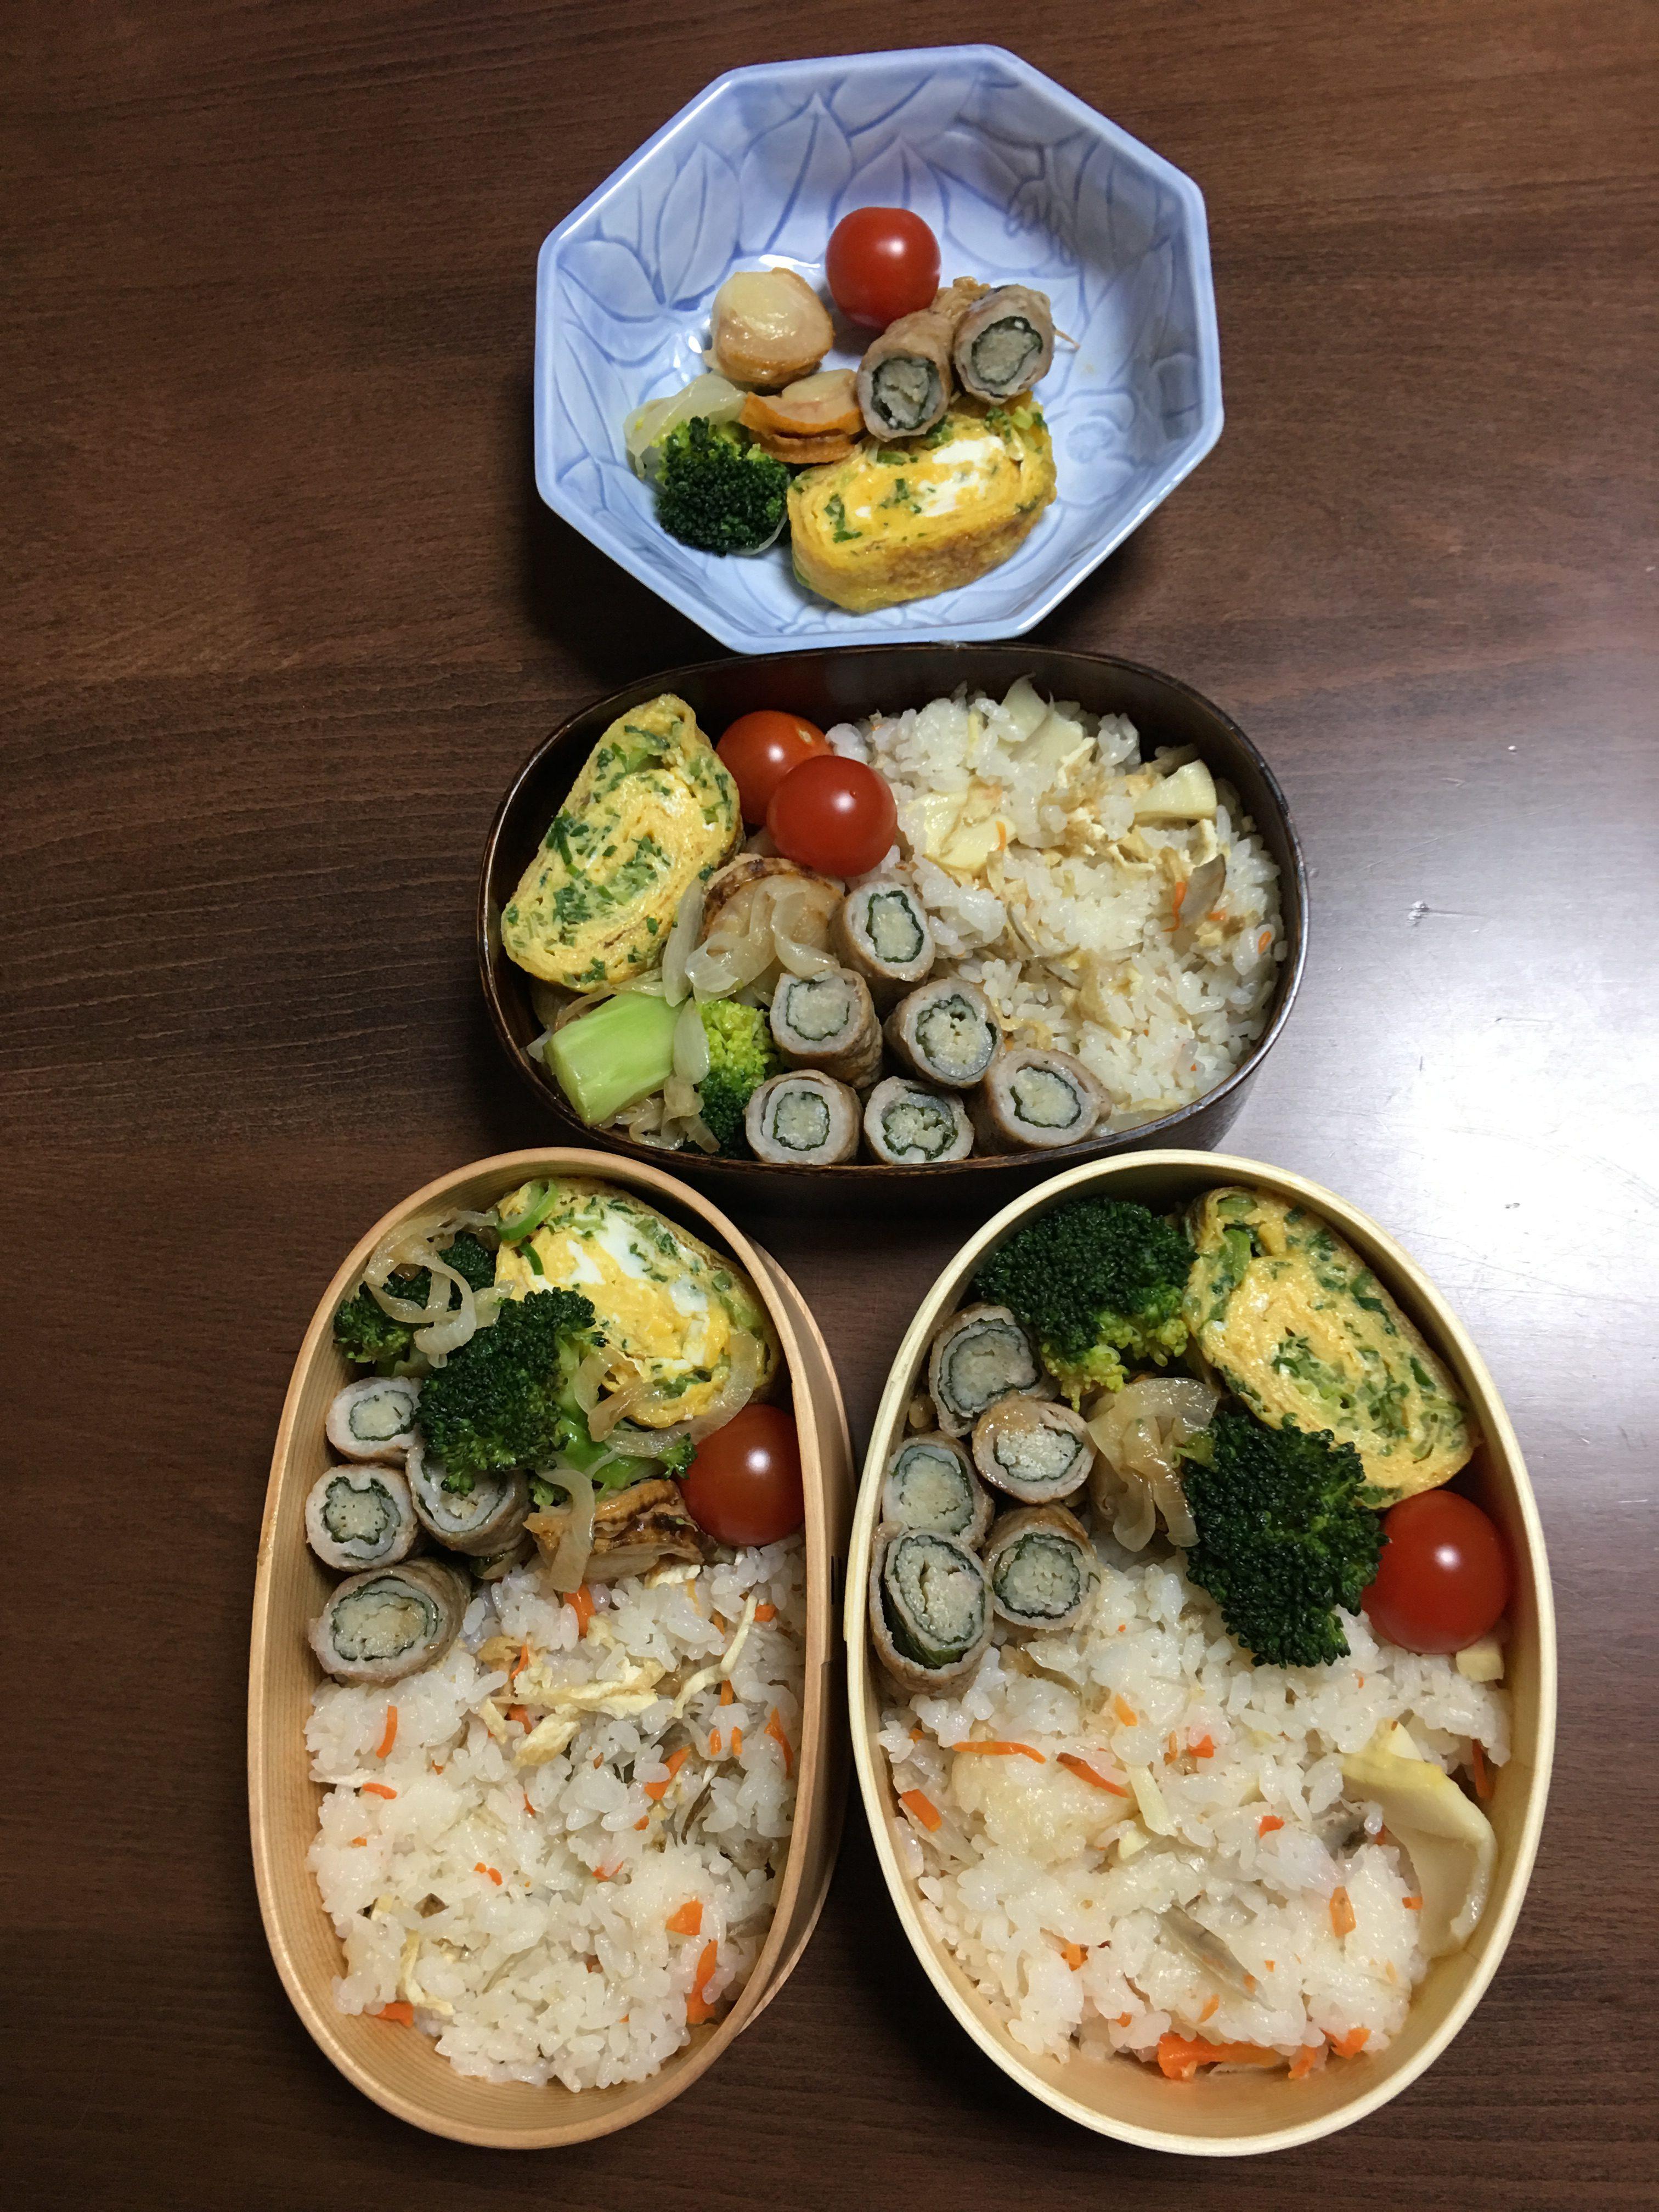 炊き込みご飯/渡辺貞夫